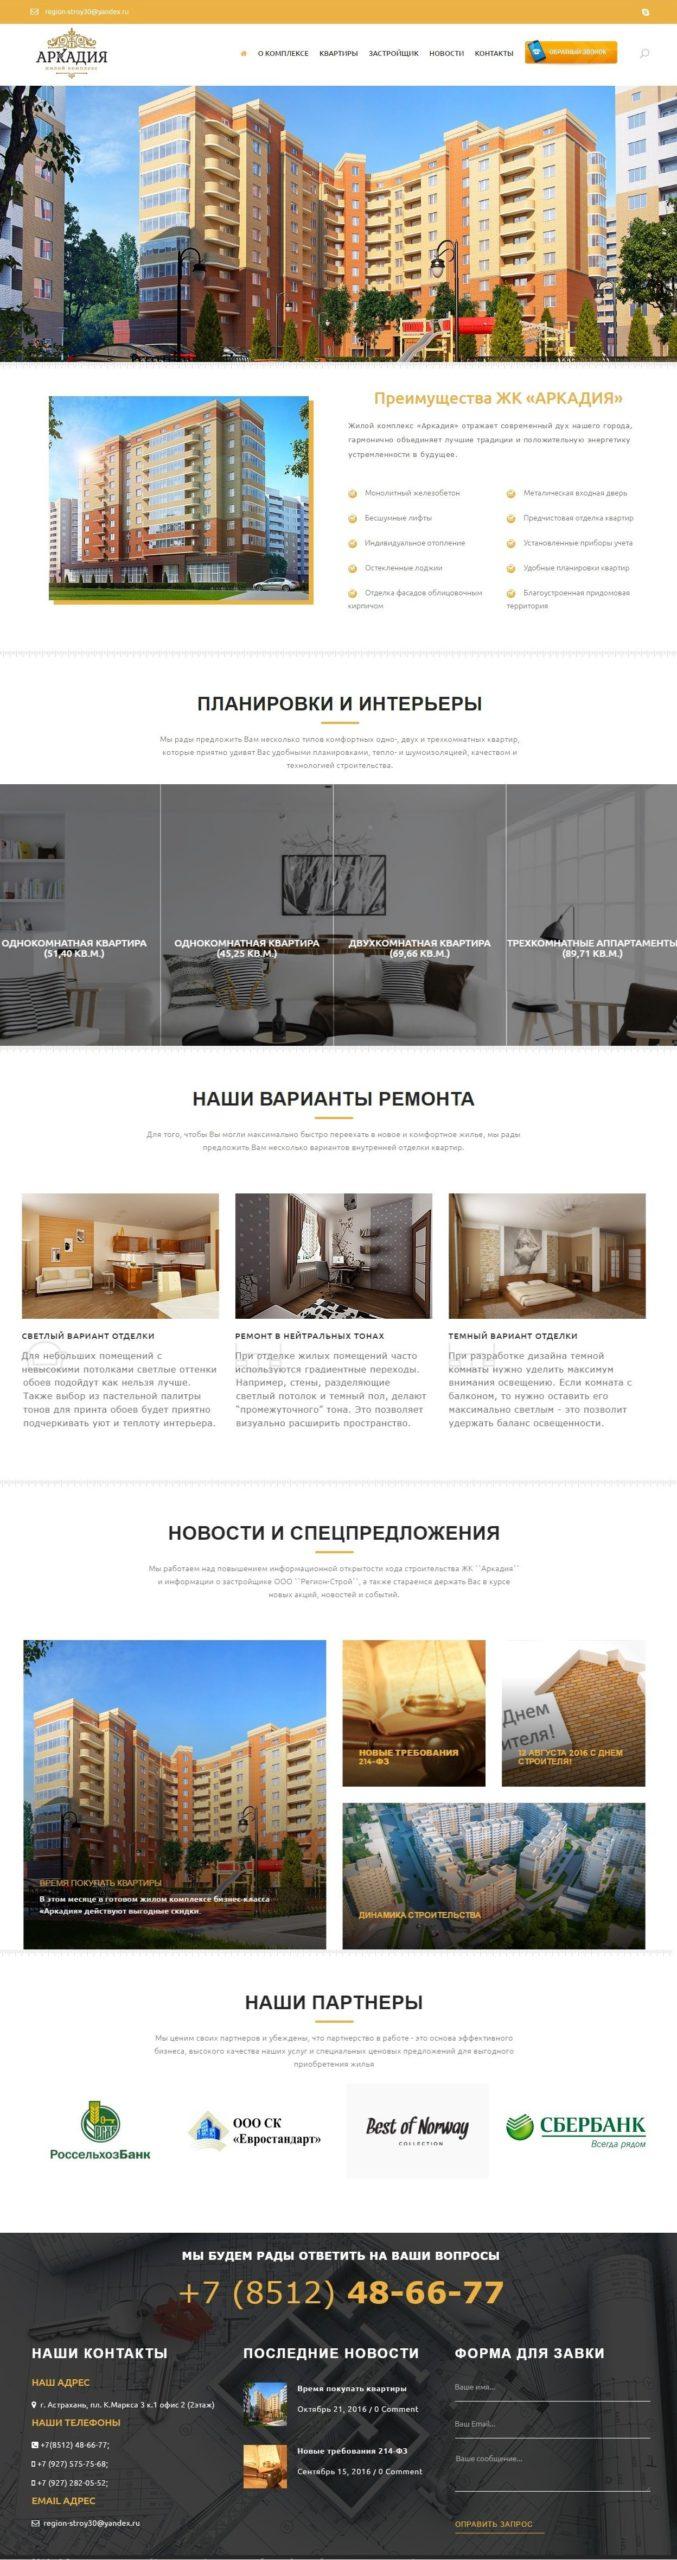 1_Glavnaya-stranitsa